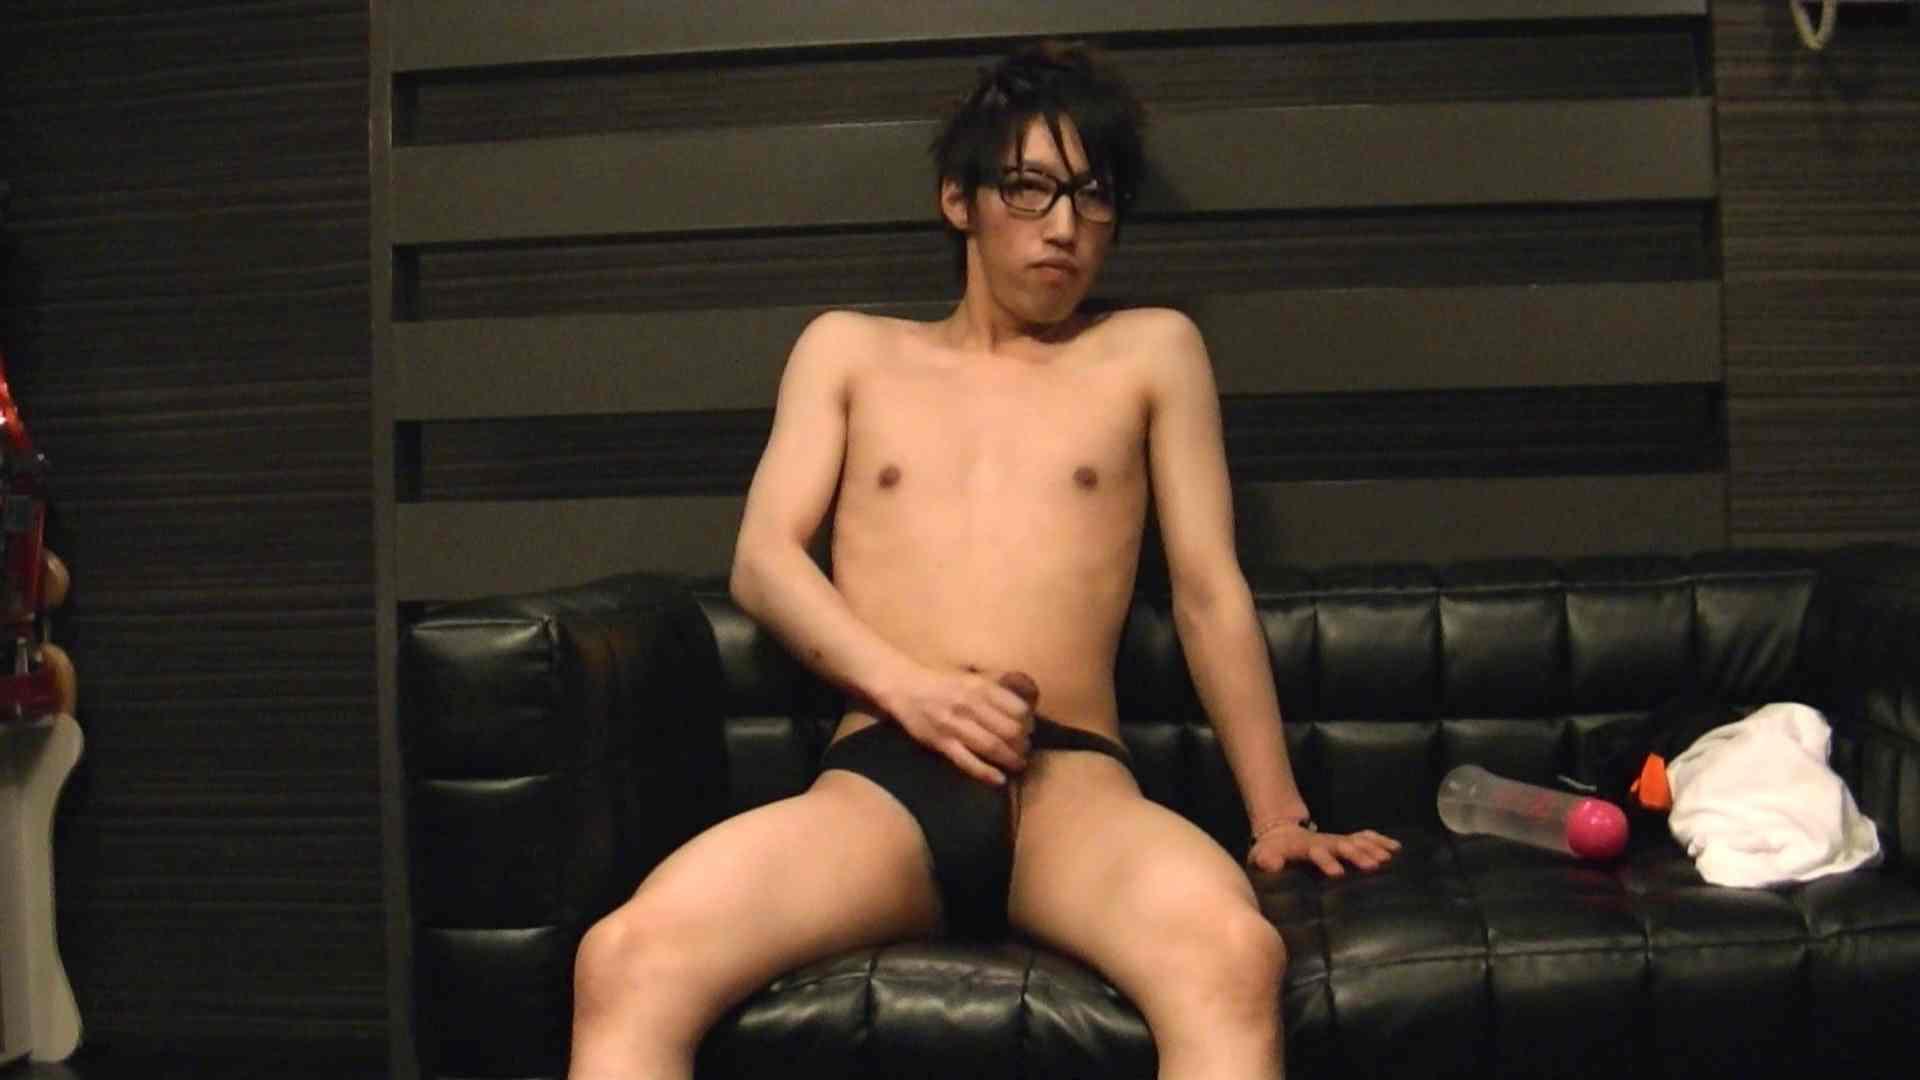 Mr.オナックスさん投稿!HD 貴方のオナニー三万円で撮影させてください。VOL.04 スジ筋系  32pic 8